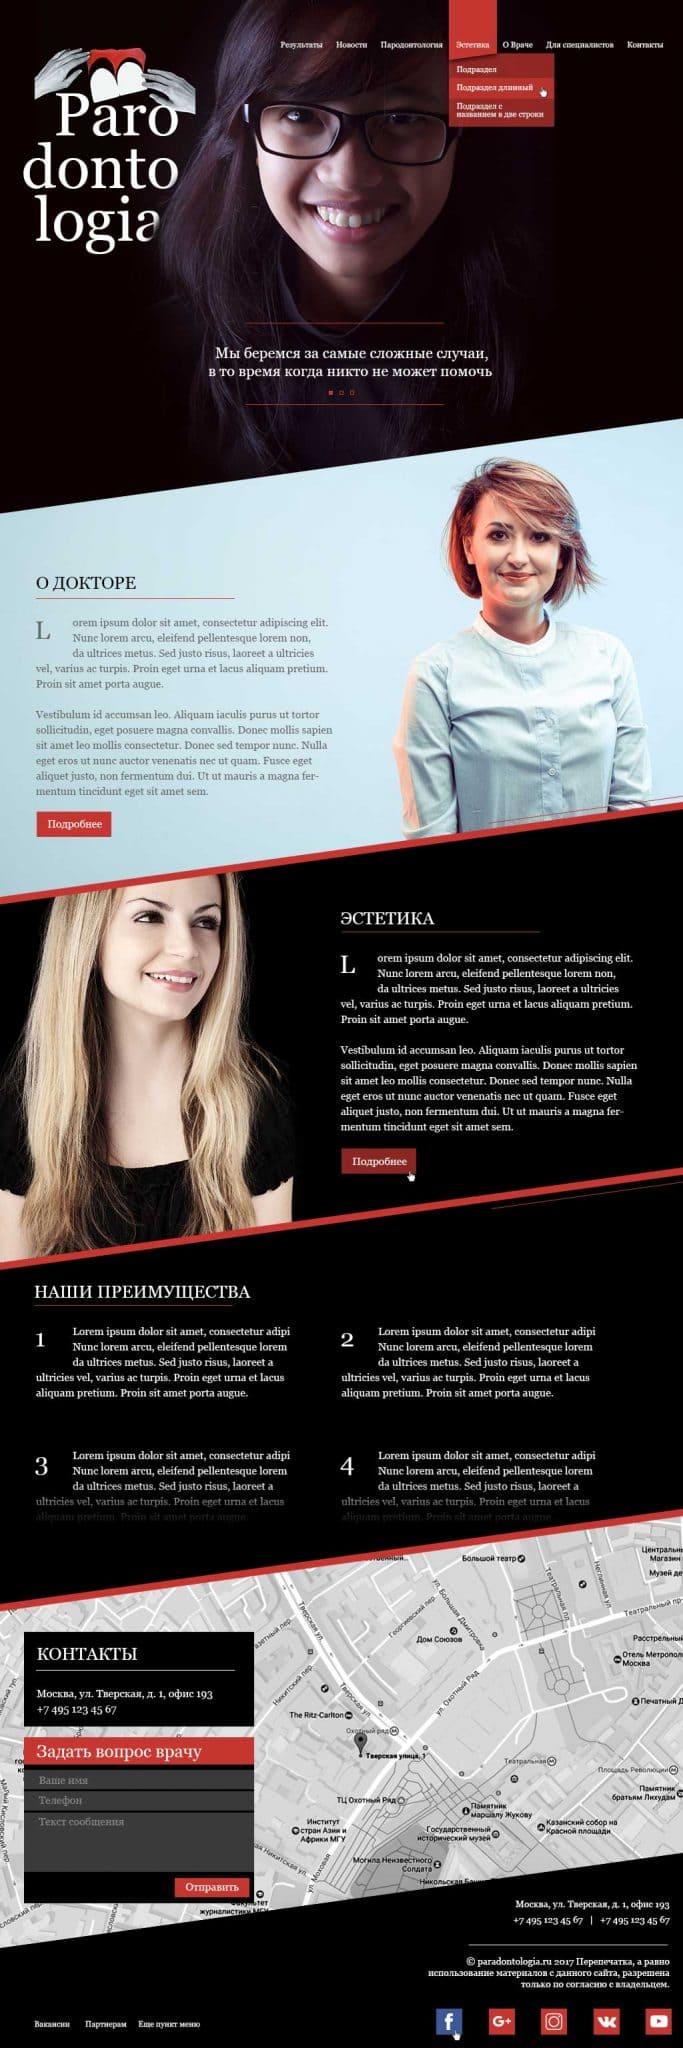 дизайн медицинского сайта для стоматологии